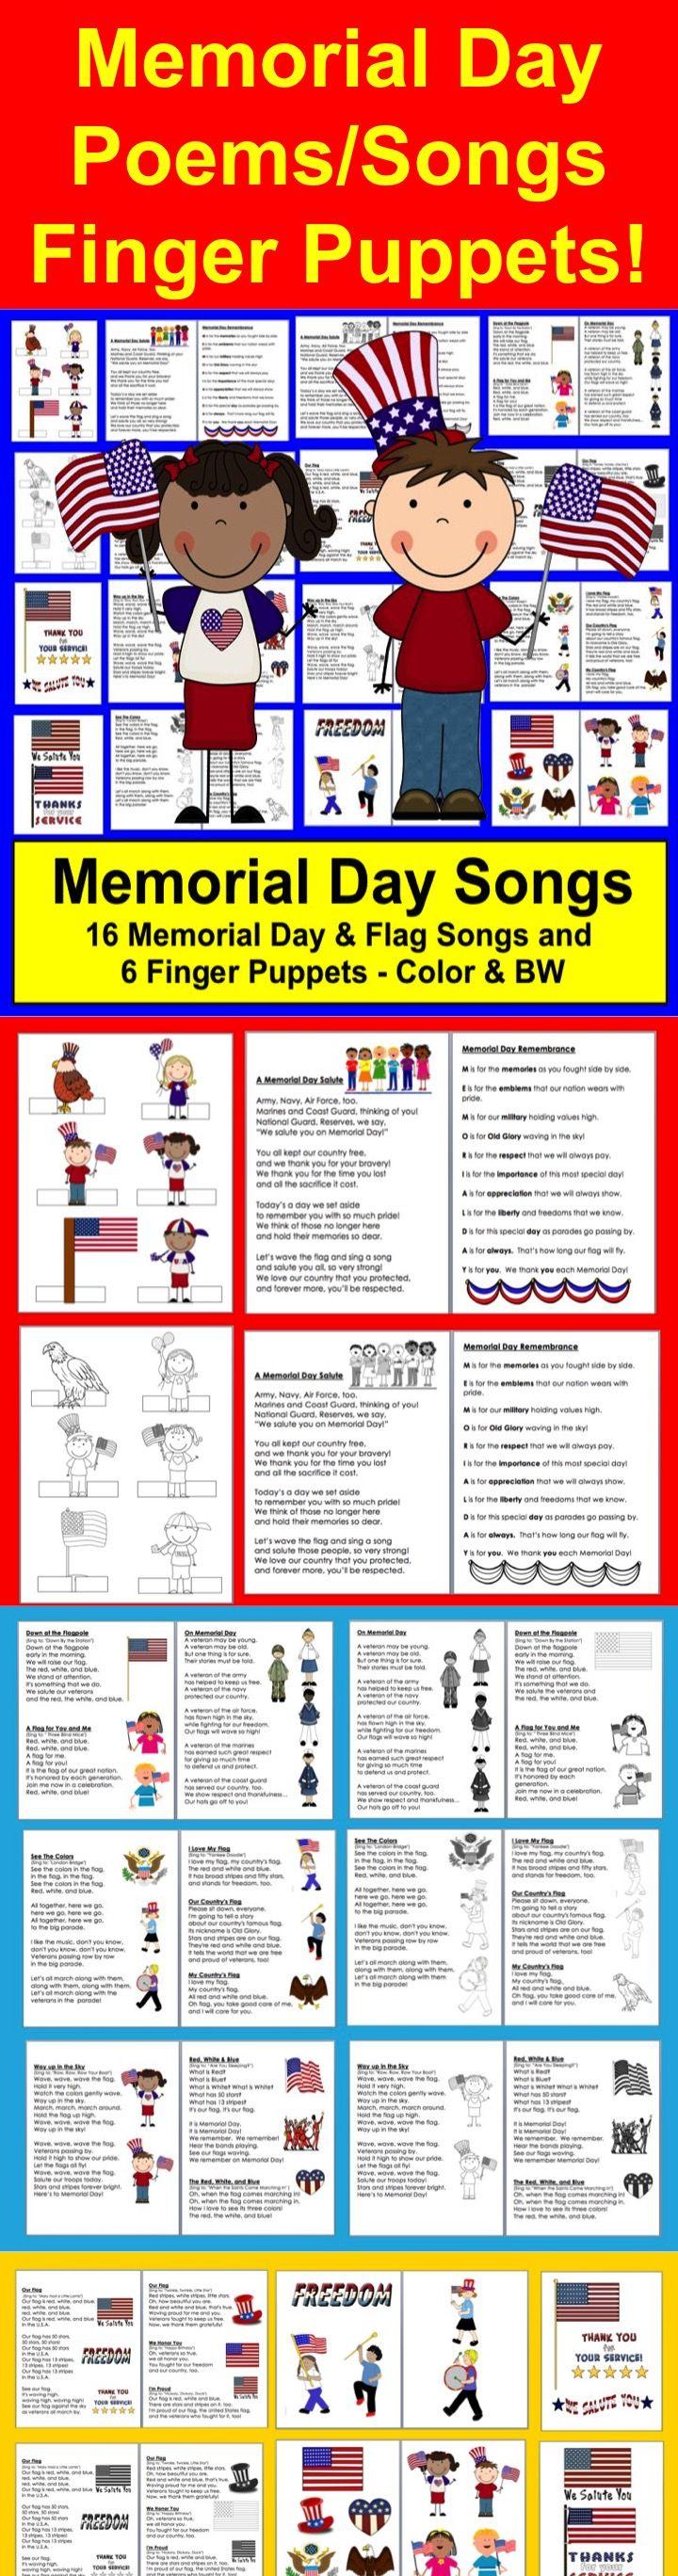 Memorial day poems veterans poems prayers - Memorial Day Poems Songs 16 Poems 6 Finger Puppets Shared Rdg Fluency